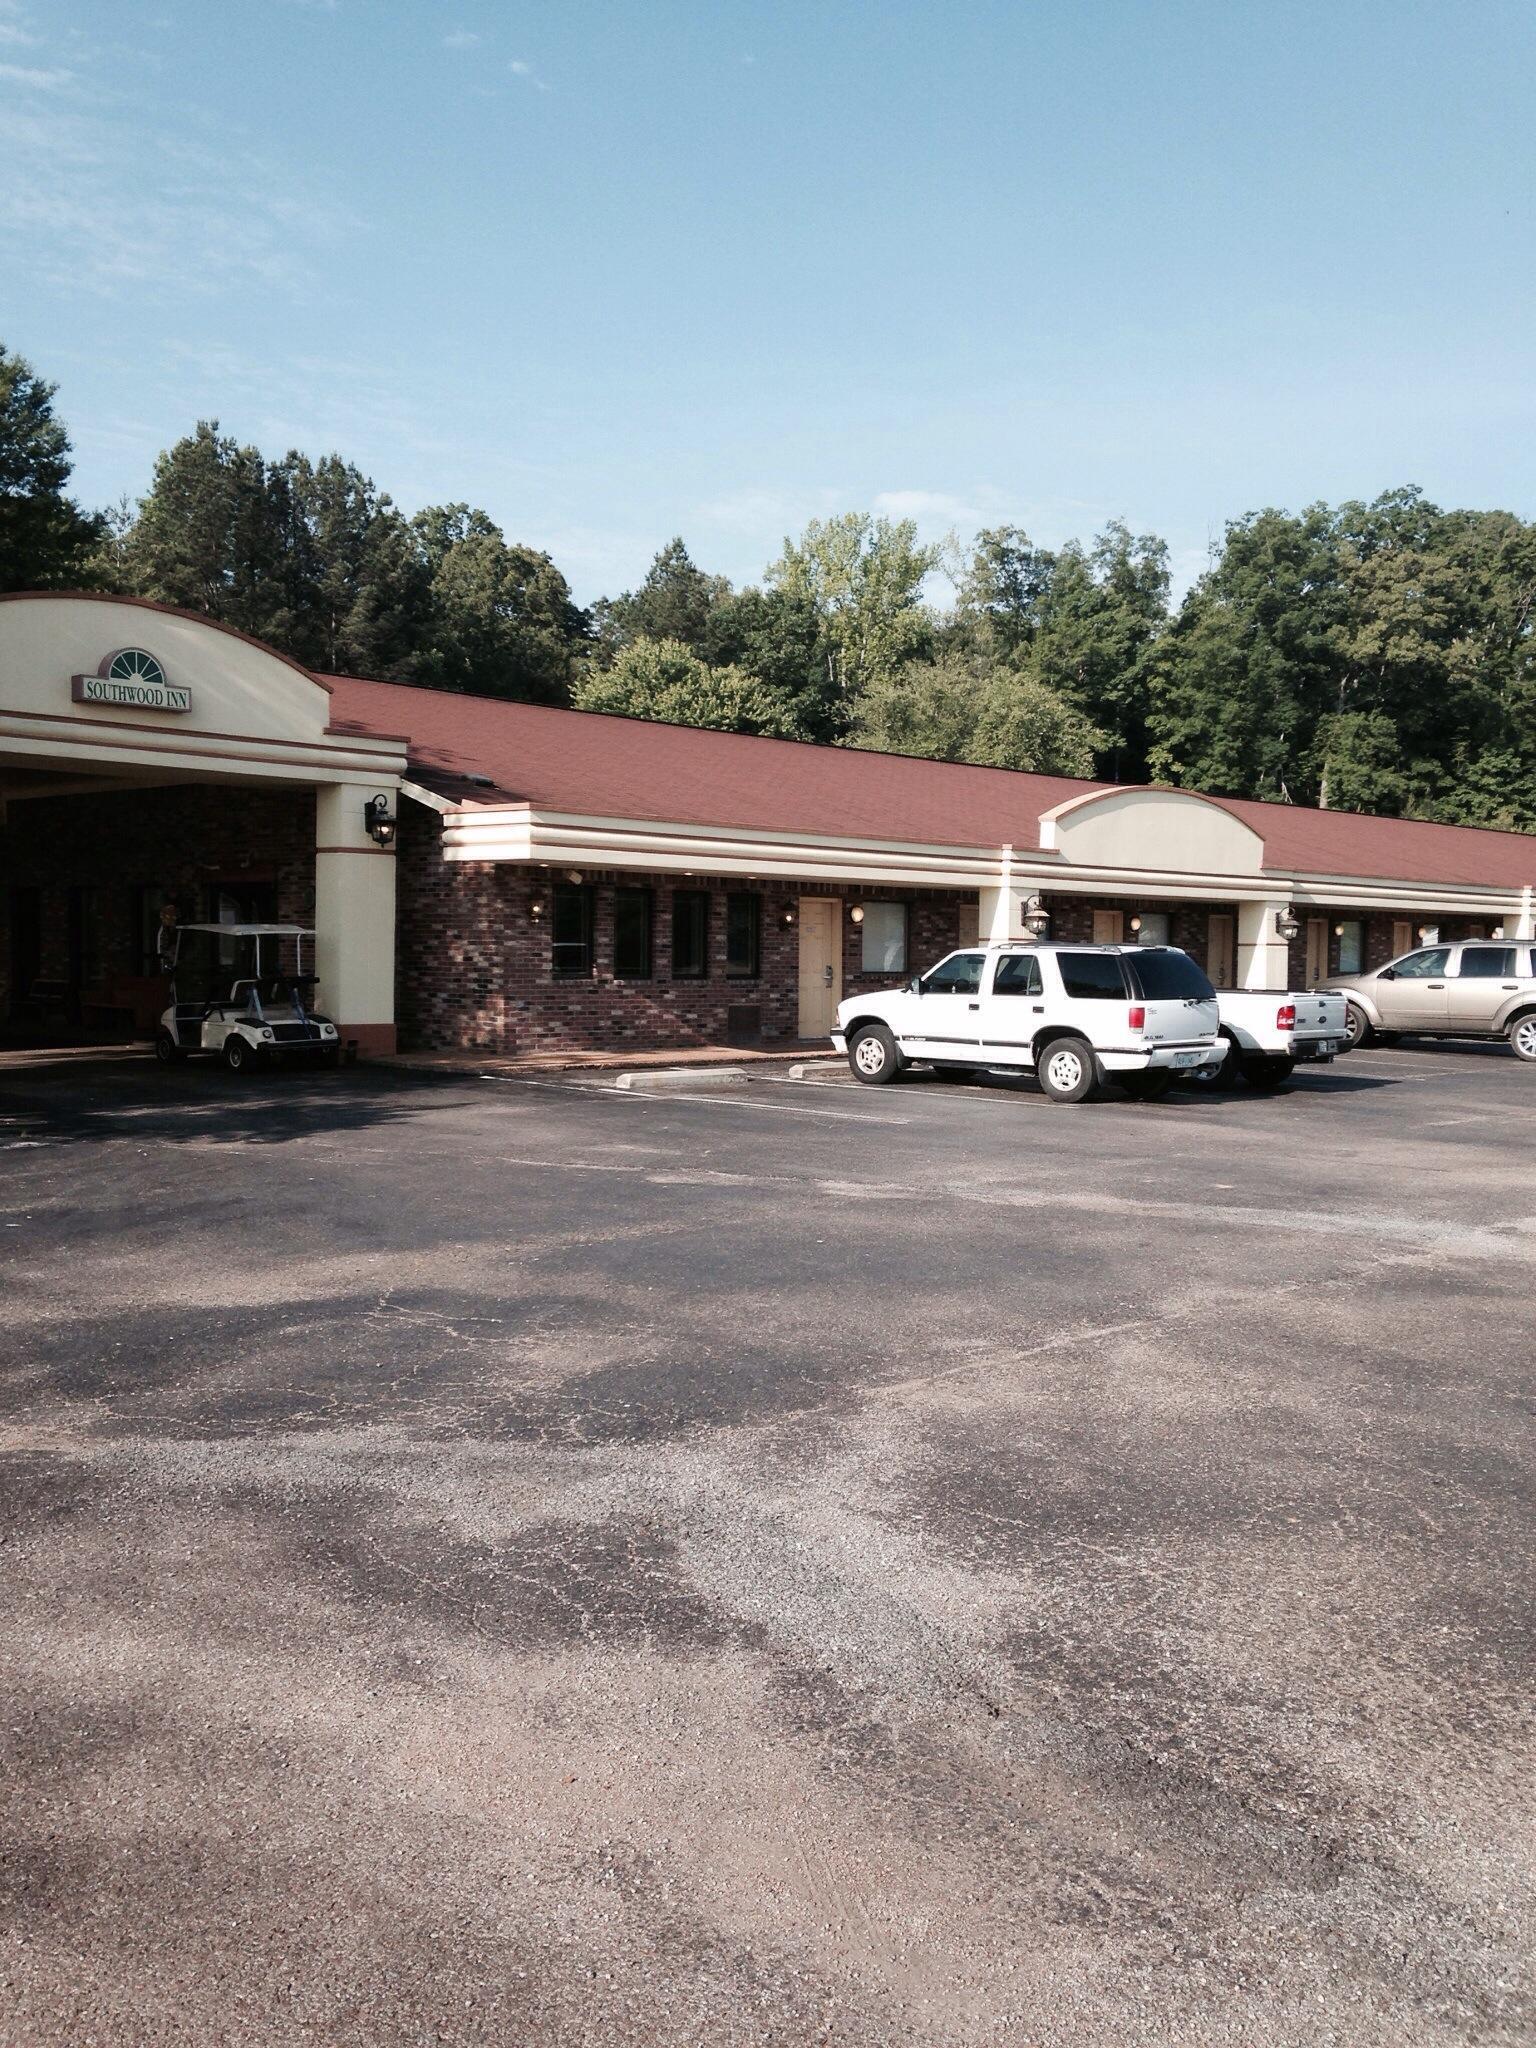 Southwood Inn Motel